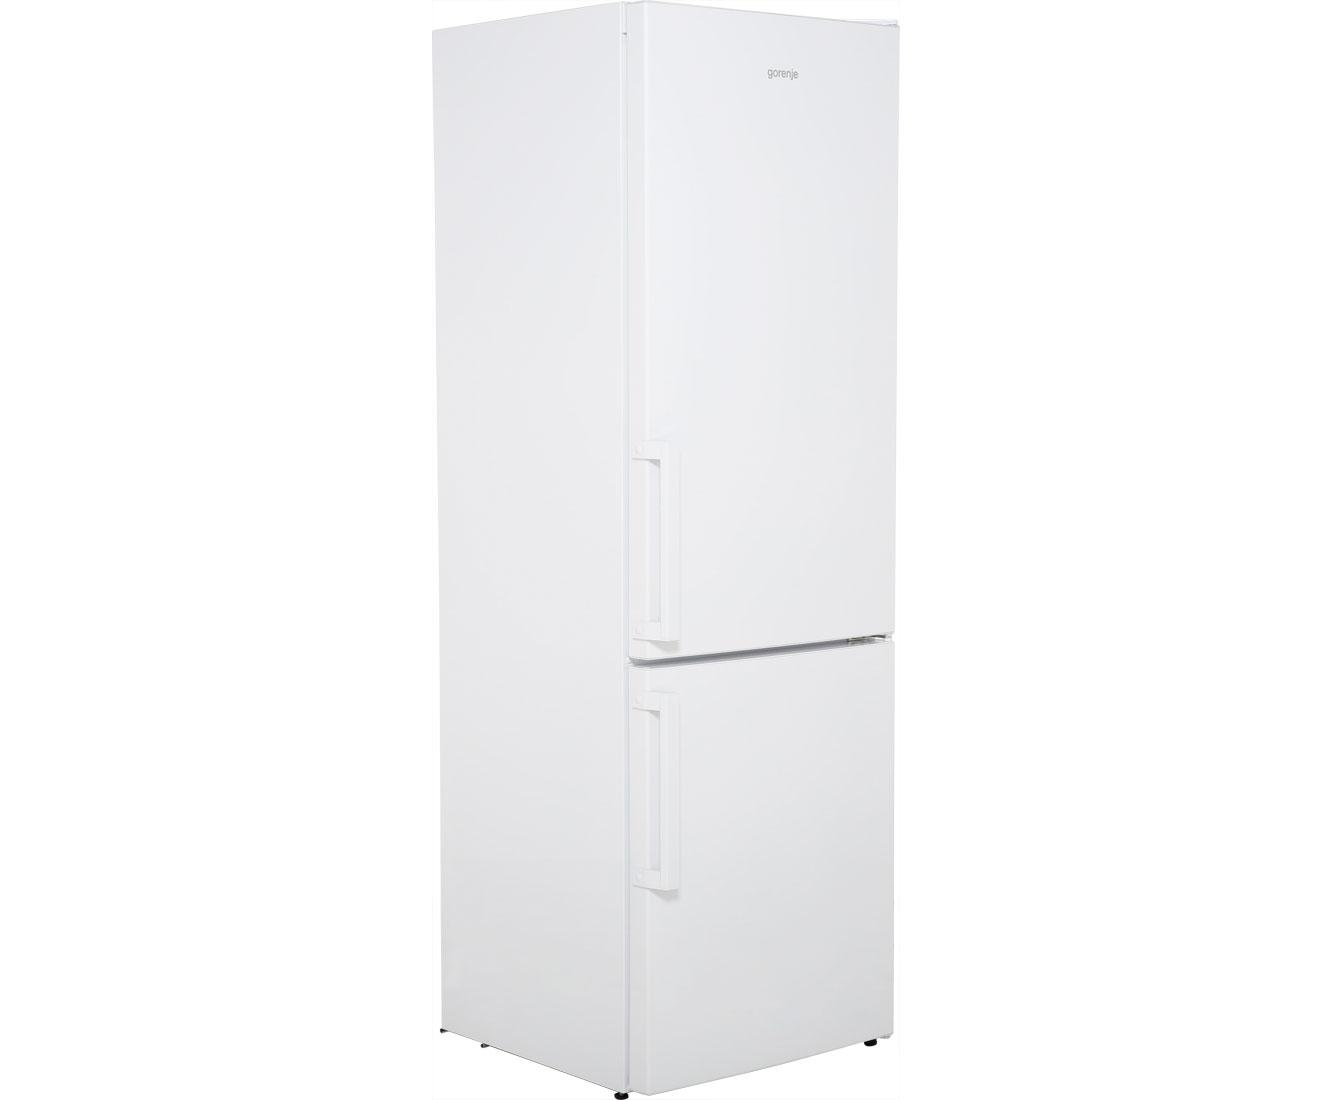 Gorenje RK6193EW Kühl-Gefrierkombinationen - Weiß | Küche und Esszimmer > Küchenelektrogeräte > Kühl-Gefrierkombis | Weiß | Gorenje